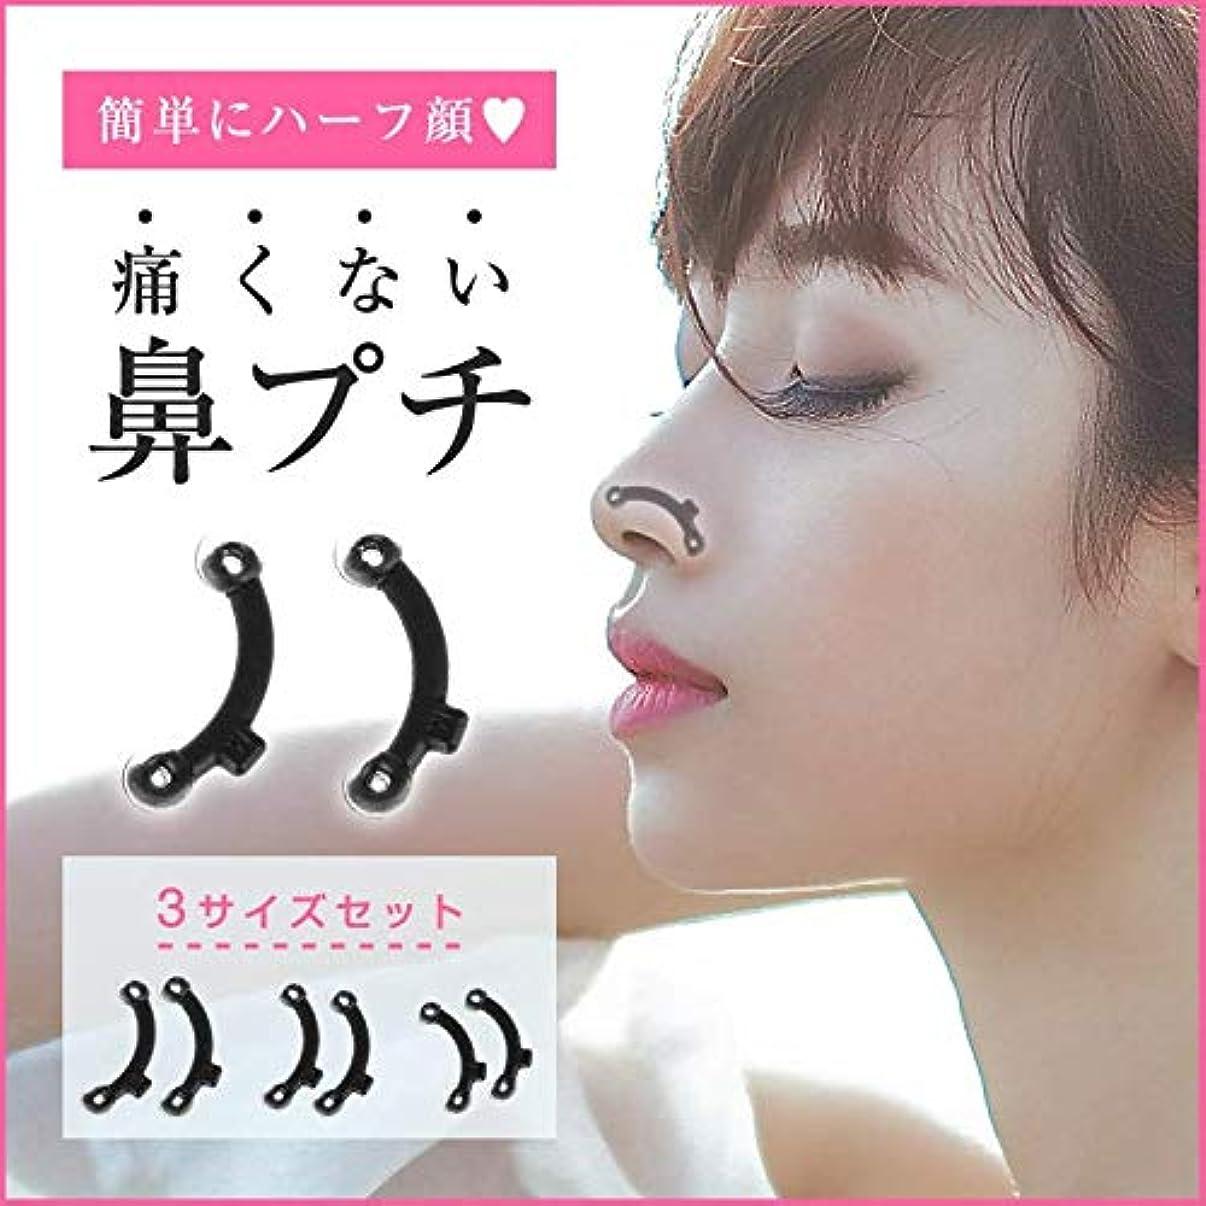 なんとなくマーキー仮定【ジェーン粧】 鼻プチ コポン 、( S M L全3サイズセット)鼻筋スラりん 、鼻のアイプチ 矯正器具 プチ整形